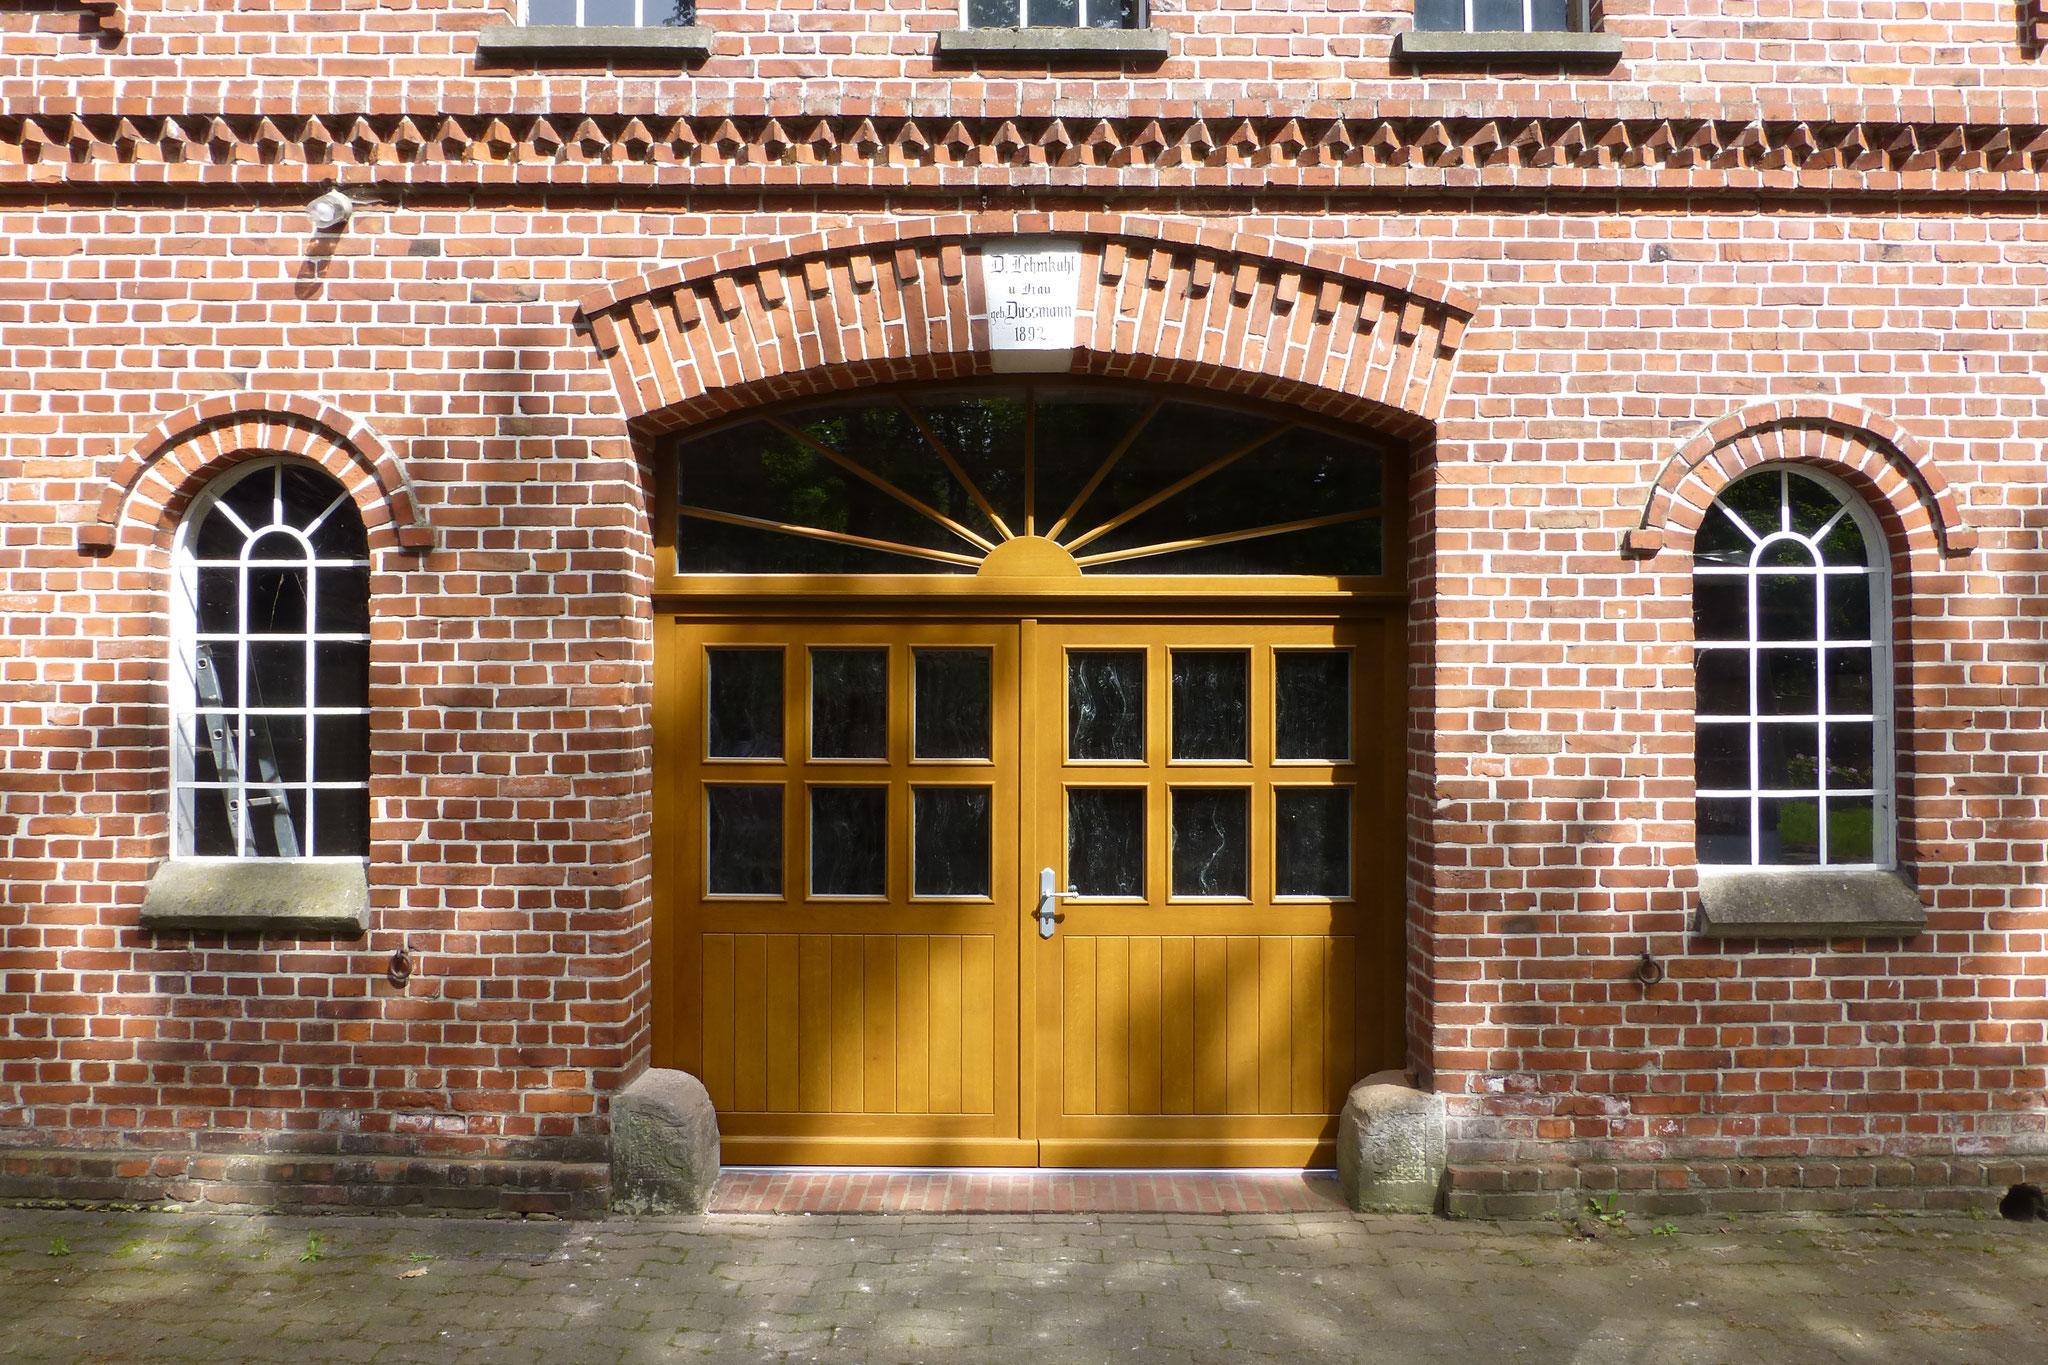 Haustür in der Gemeinde Ganderkesee